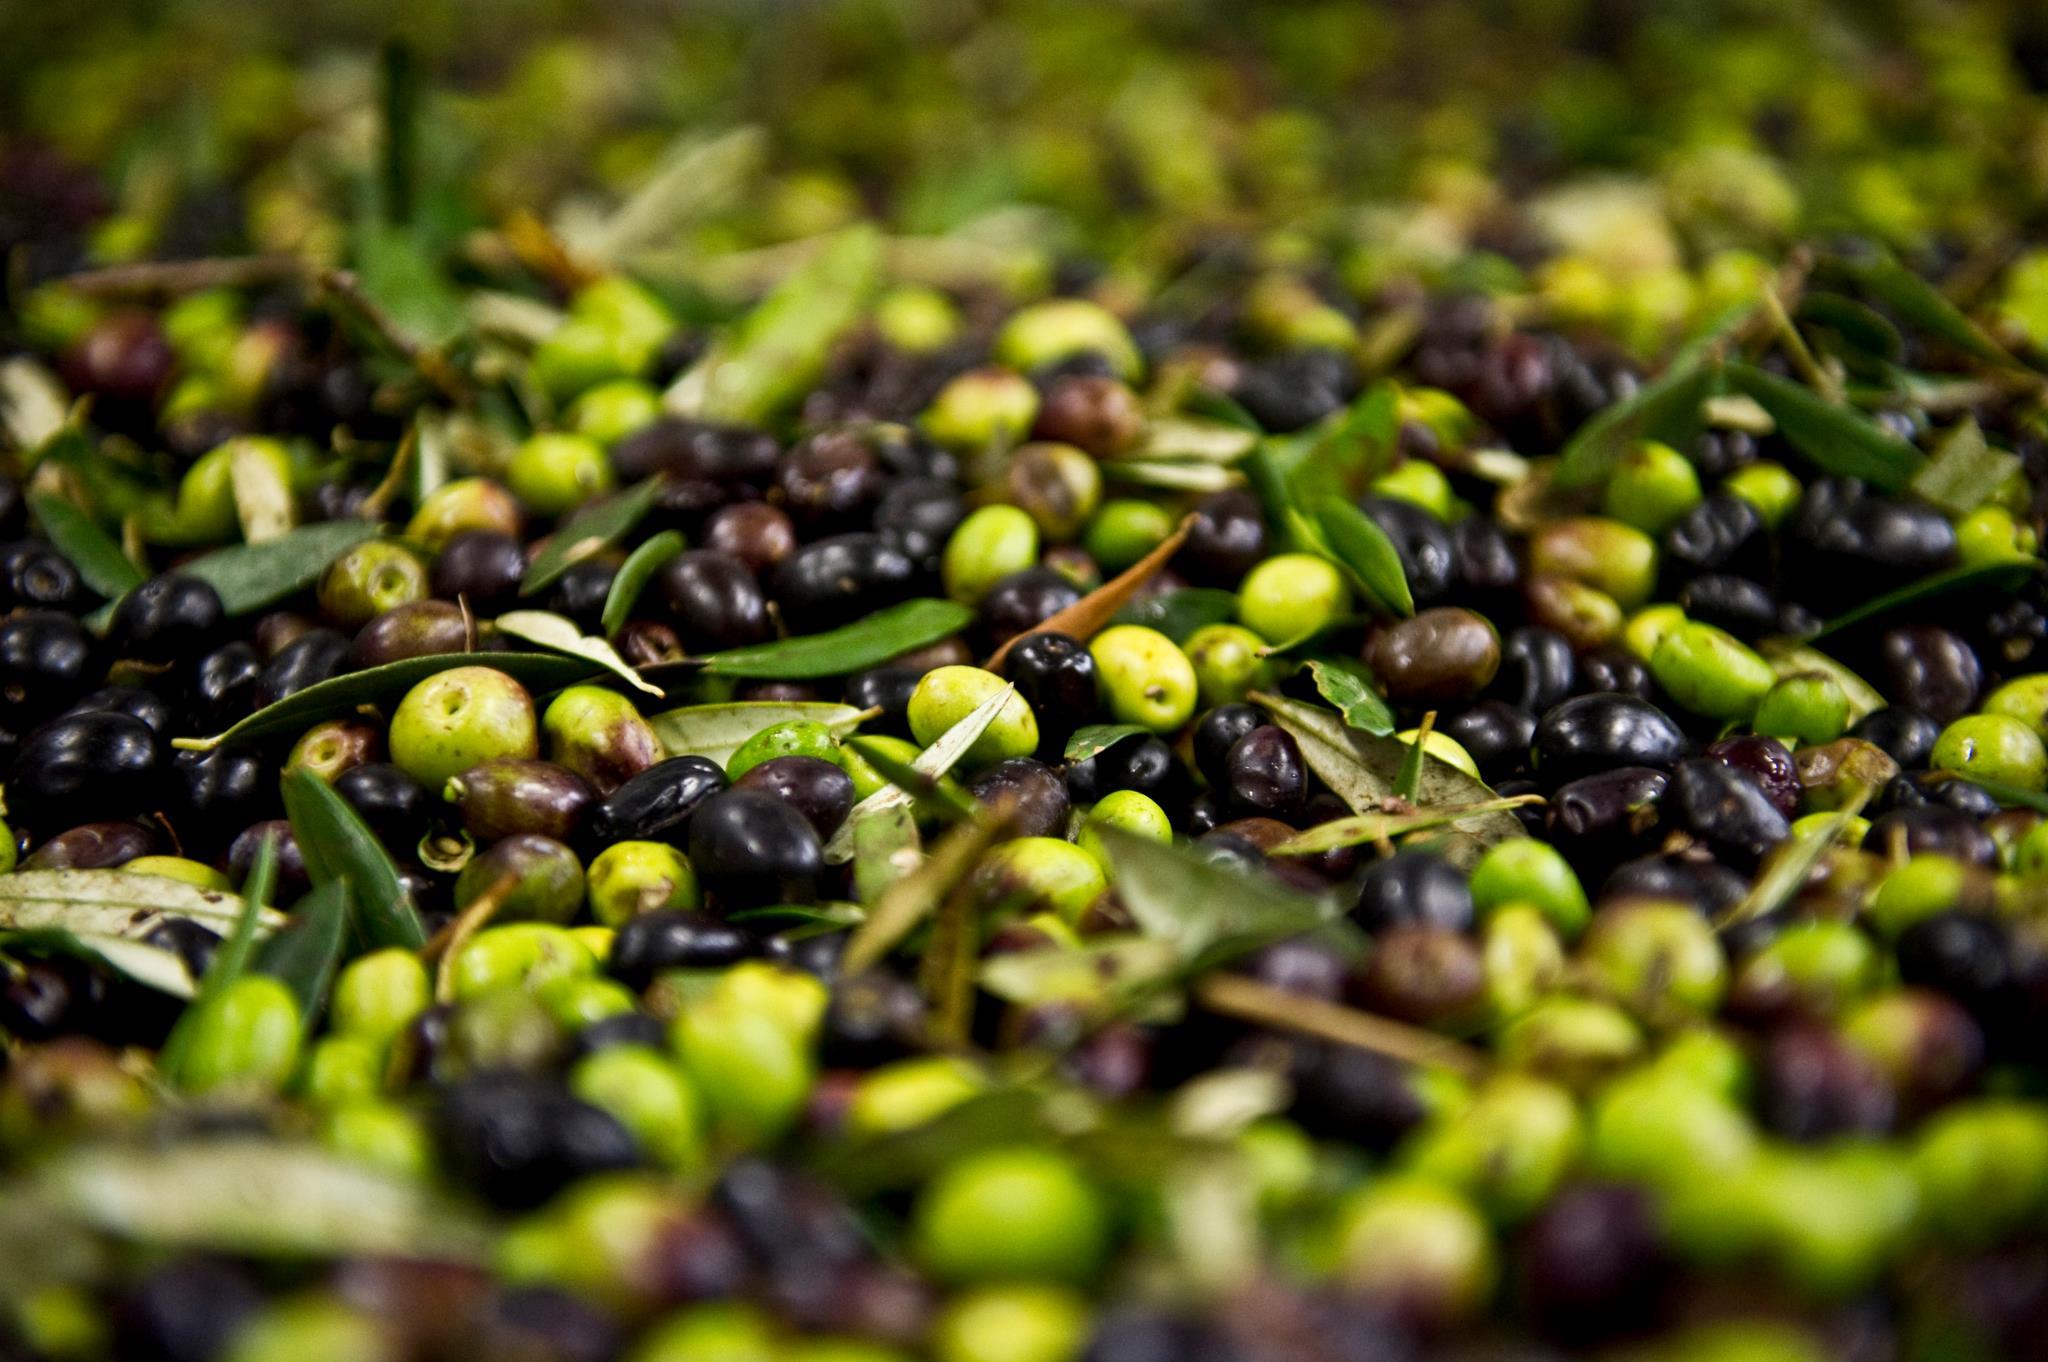 nudo olives